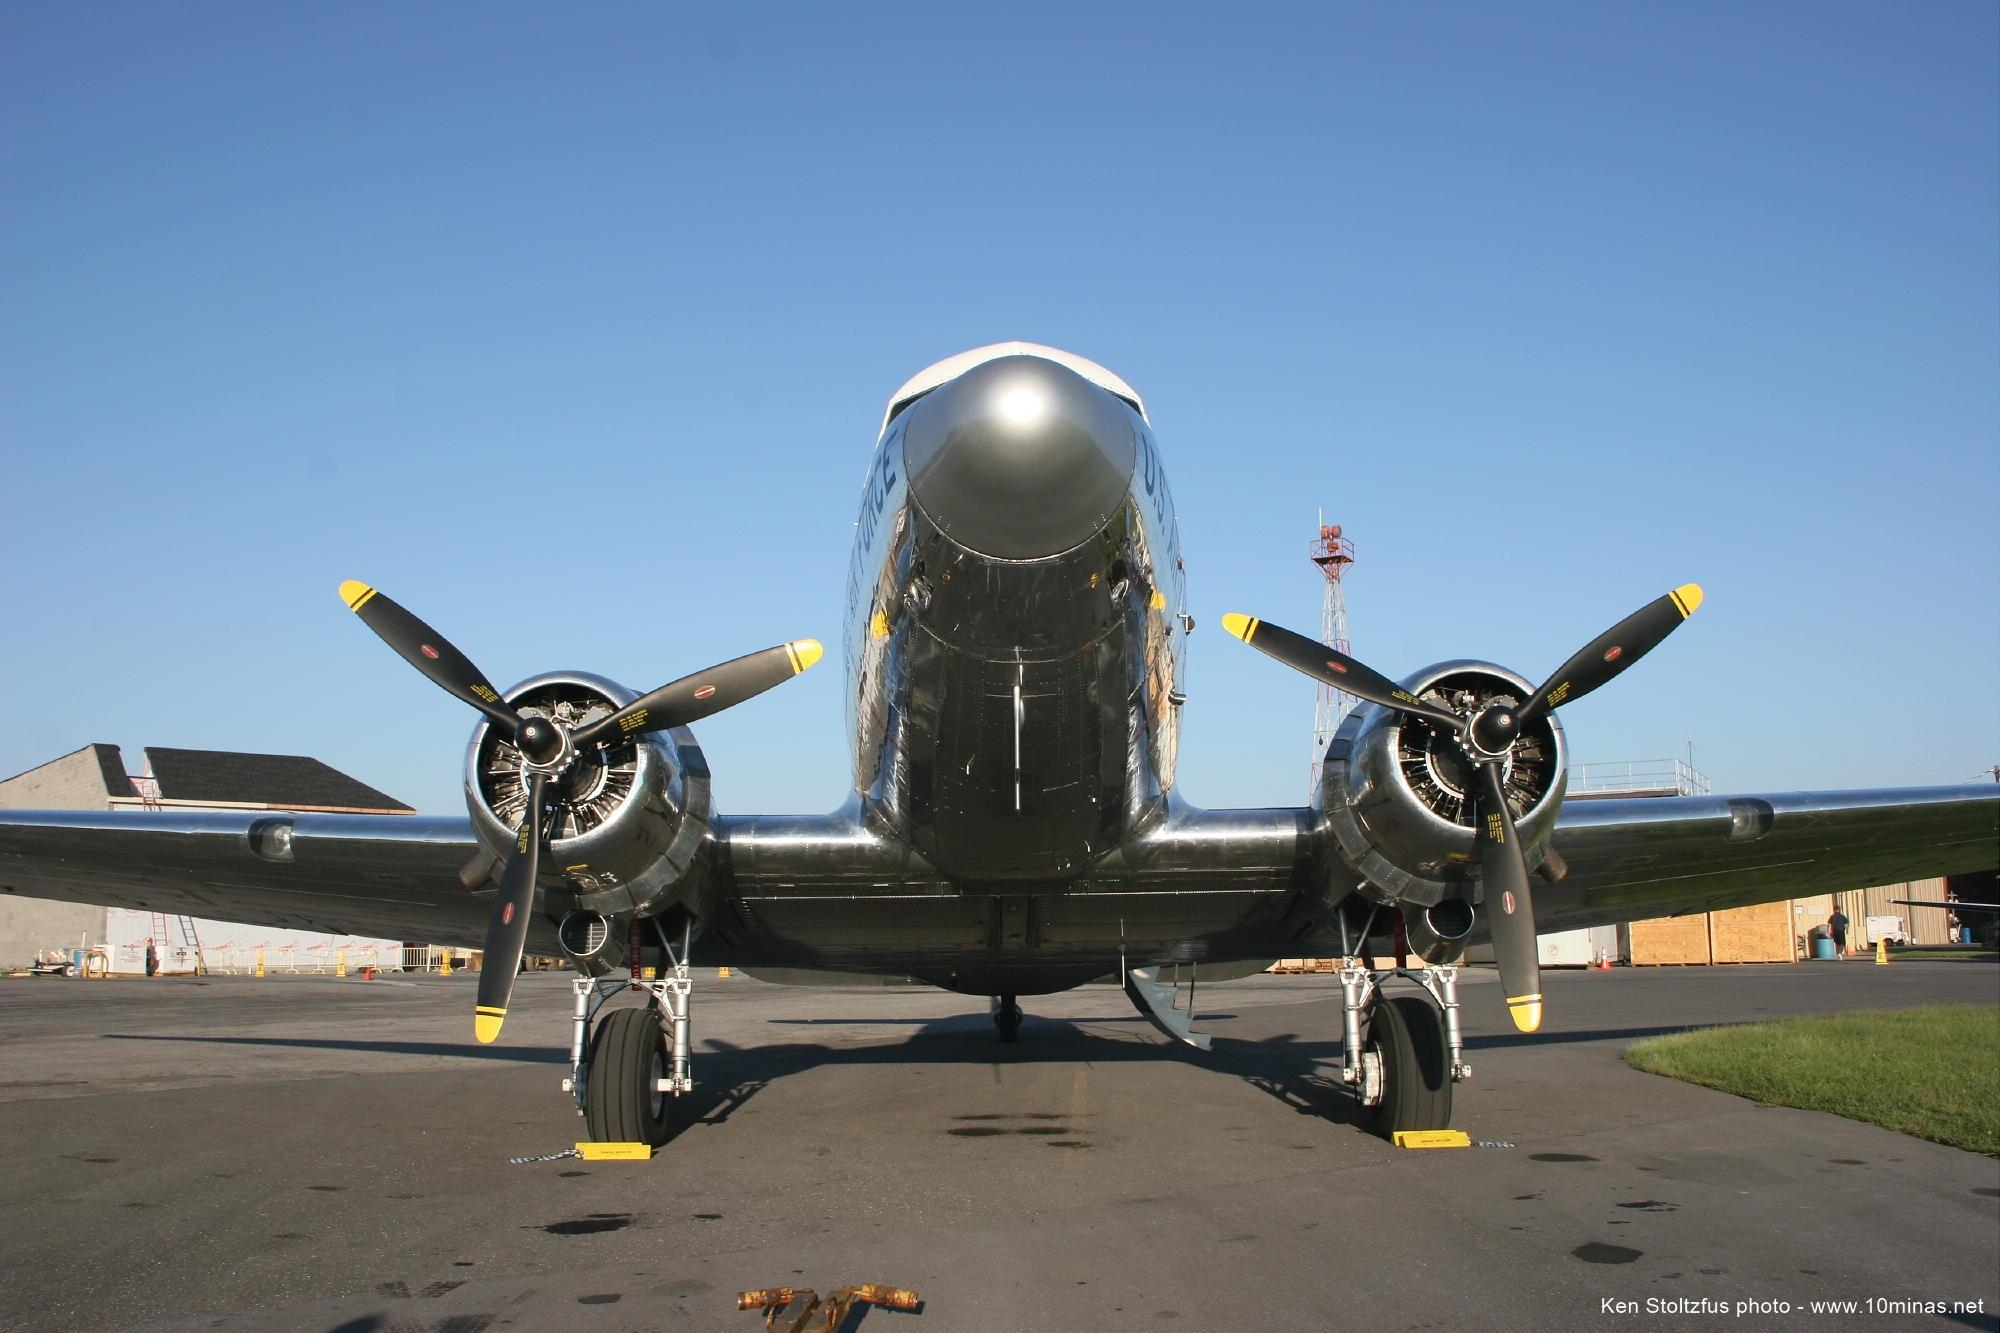 DC-3_aircraft_JAARS_Waxhaw_NC